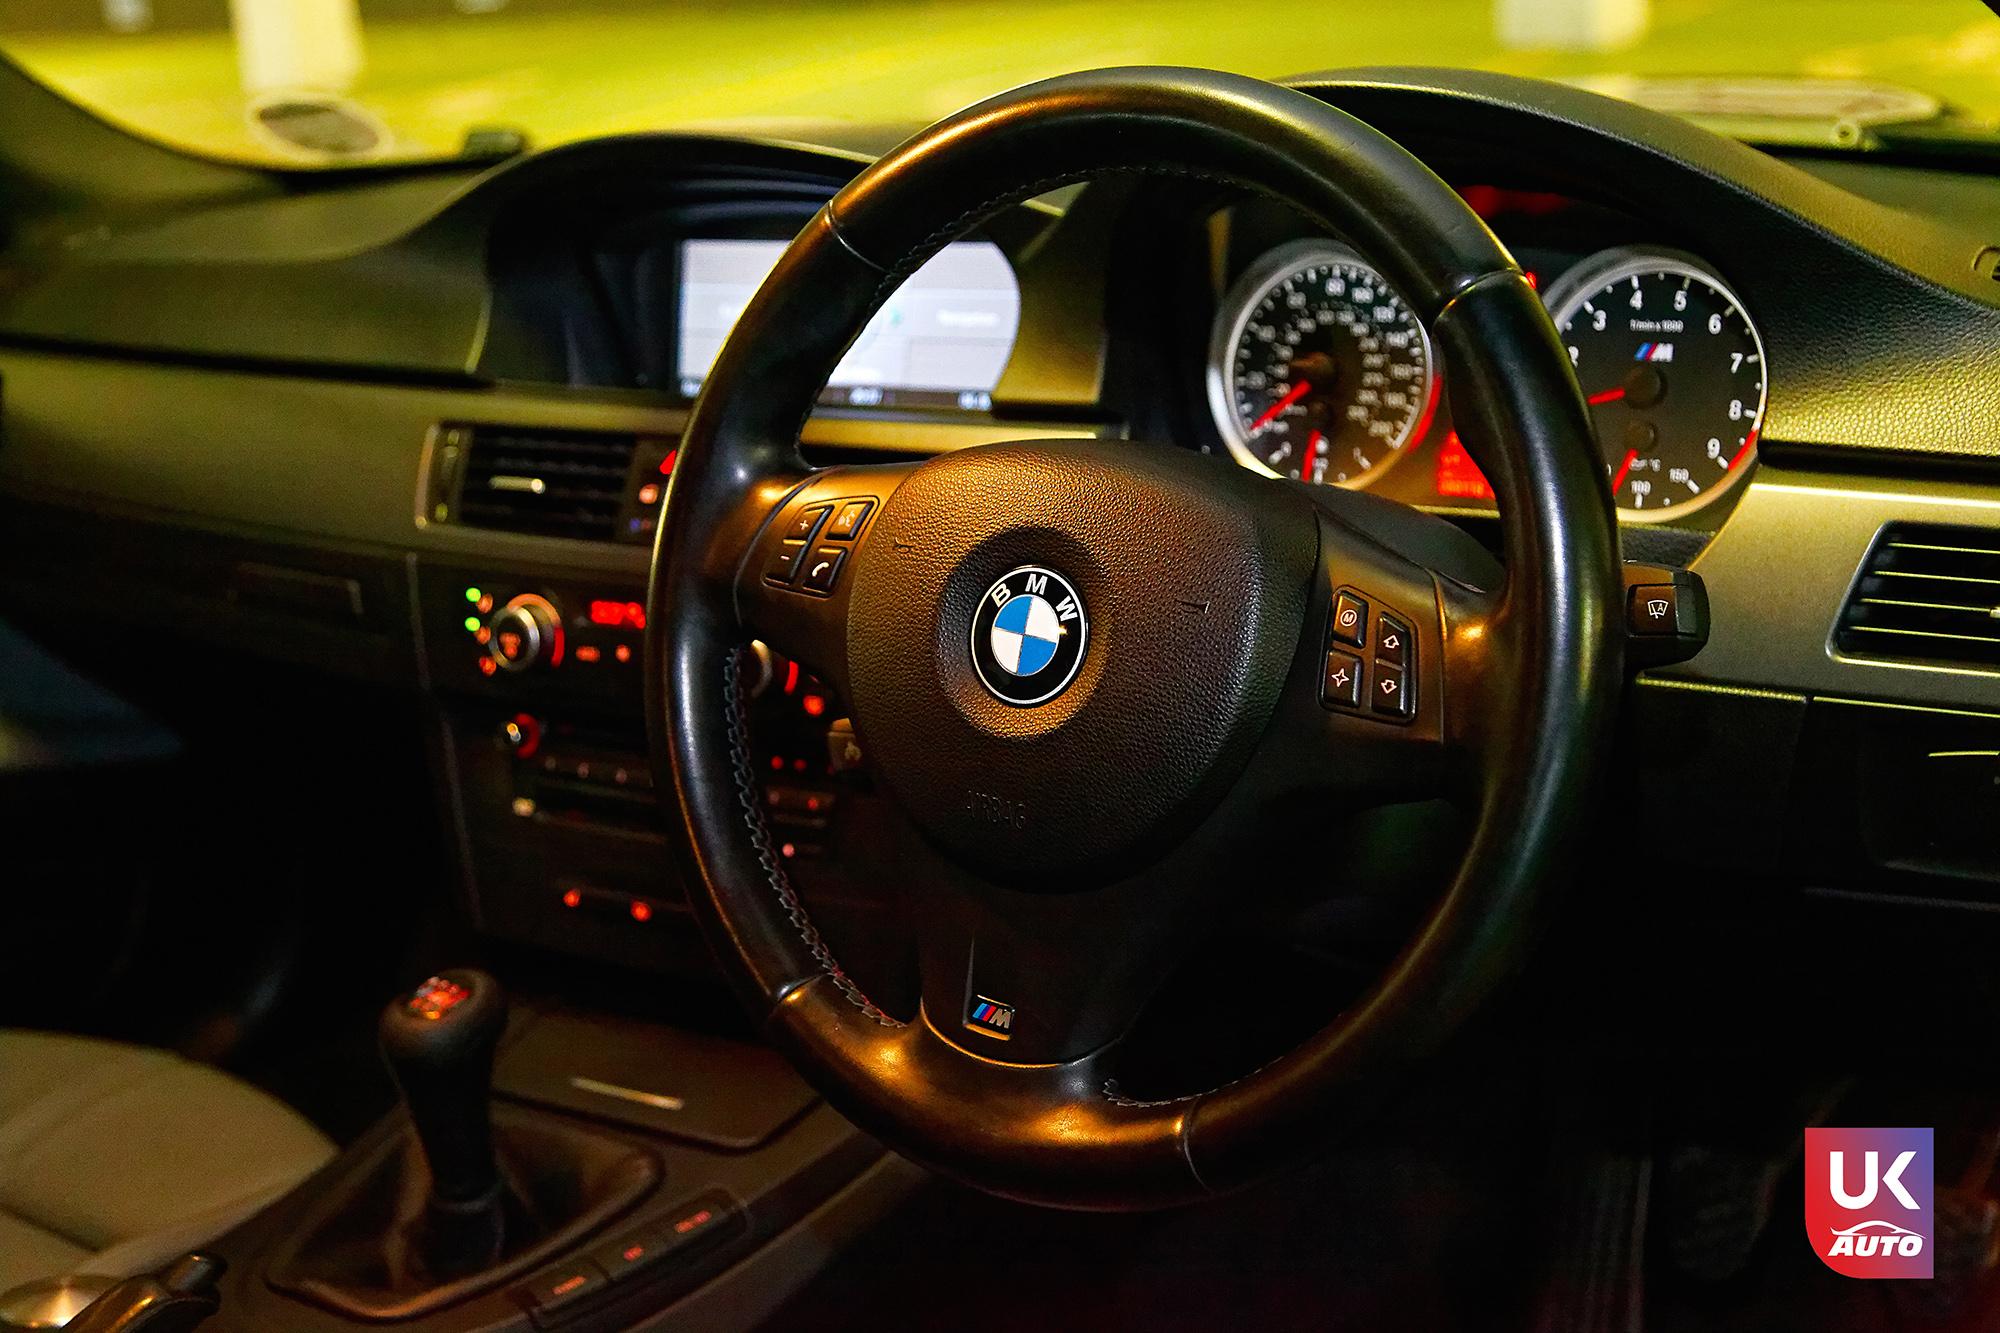 BMW m3 rhd ukauto importer voiture angleterre uk8 - Felecitation a Sylvain Pour cette BMW M3 E92 RHD pour avoir acheter une voiture en angleterre avant le brexit